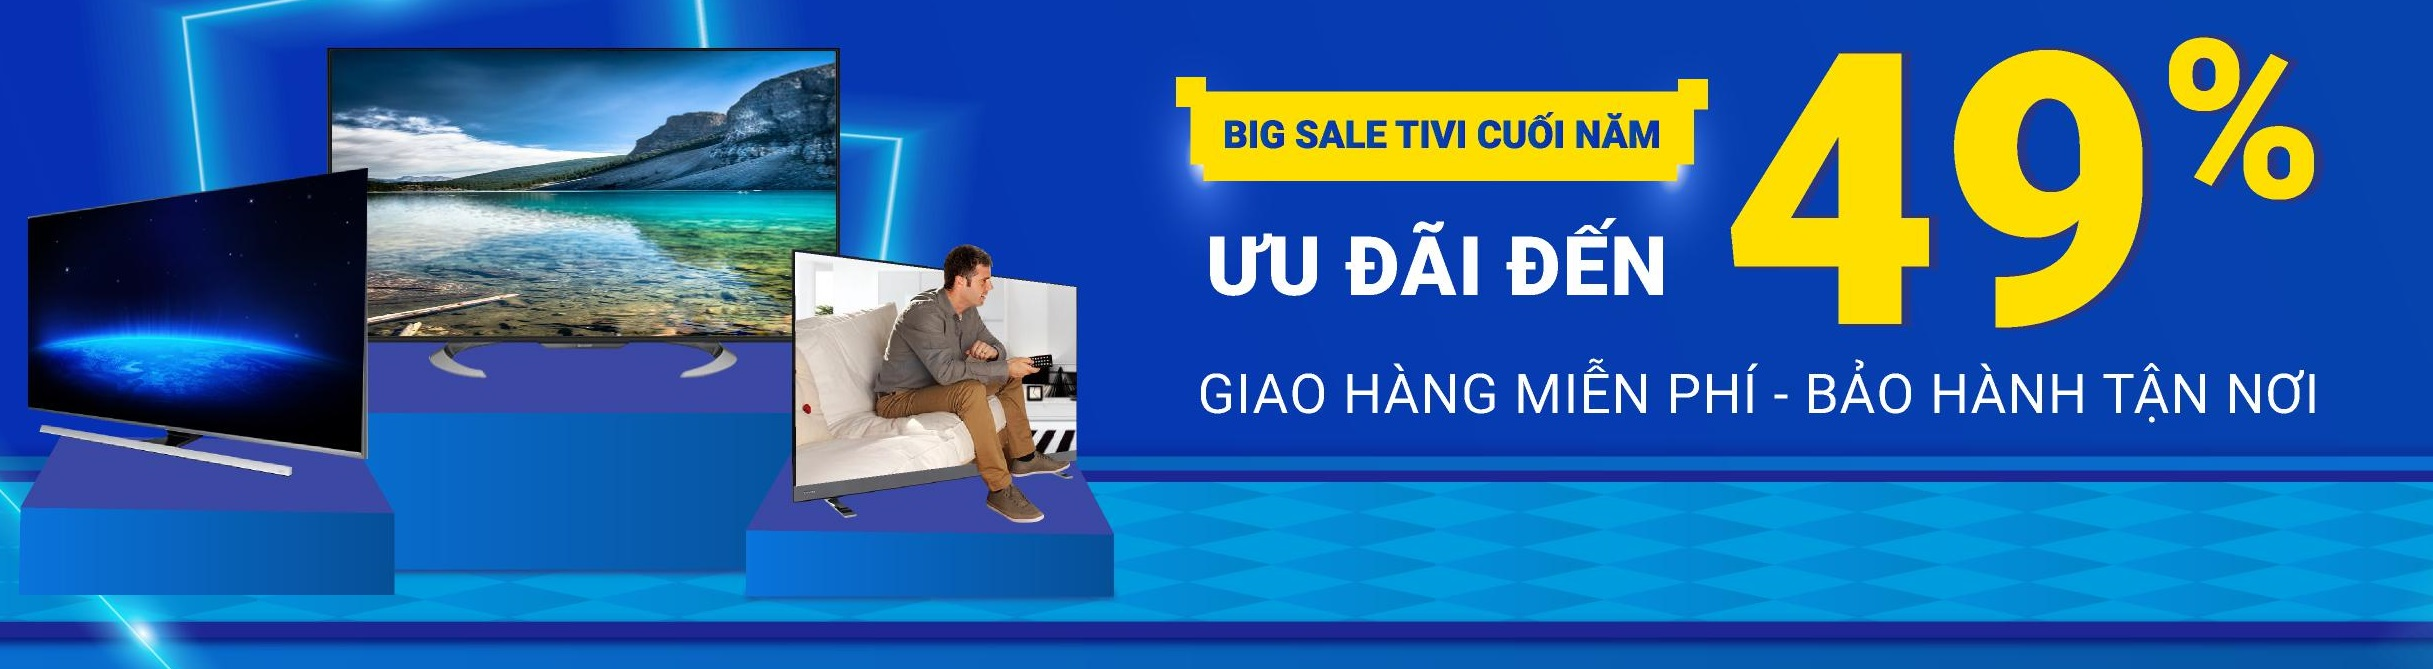 Tivi BigSale cuối năm tại Tiki - Ưu đãi đến 49%